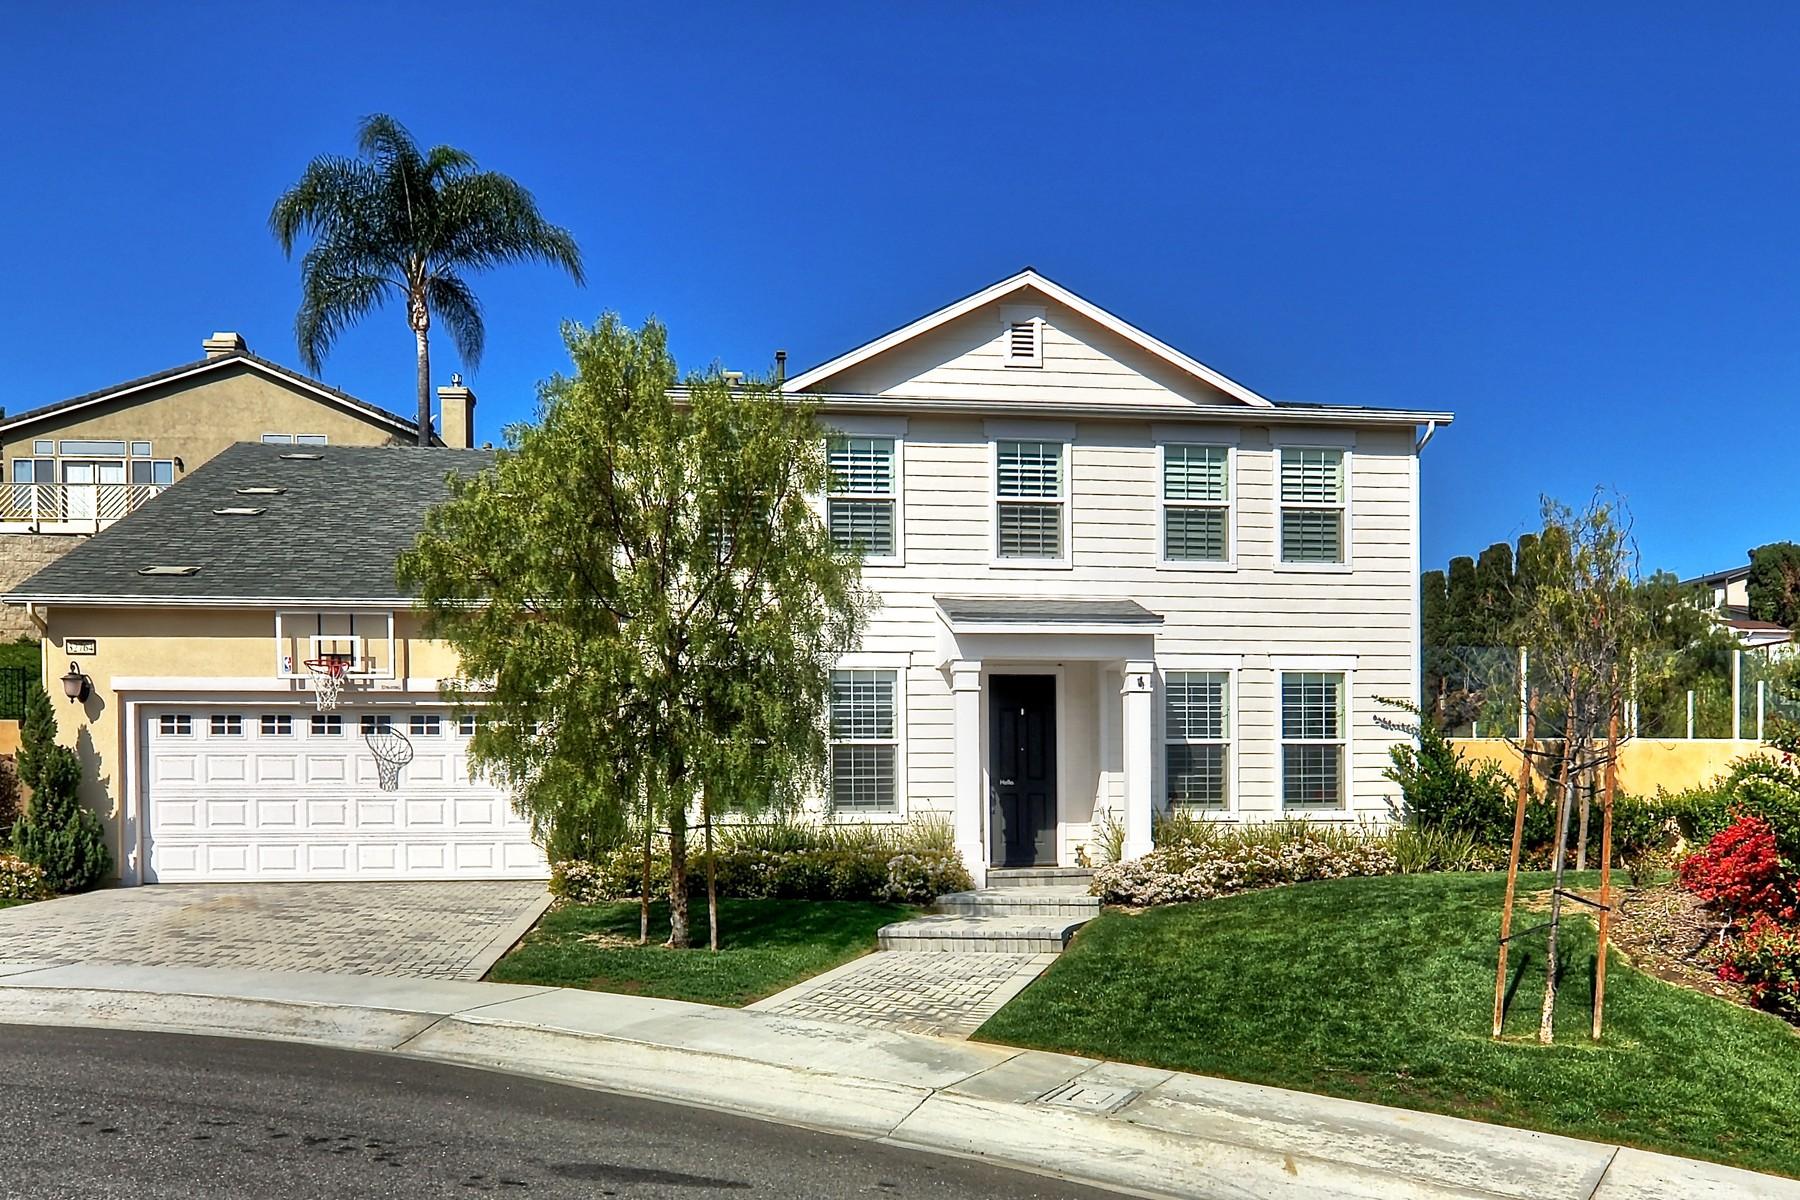 独户住宅 为 销售 在 32764 Ocean Vista Court 德纳, 加利福尼亚州, 92629 美国